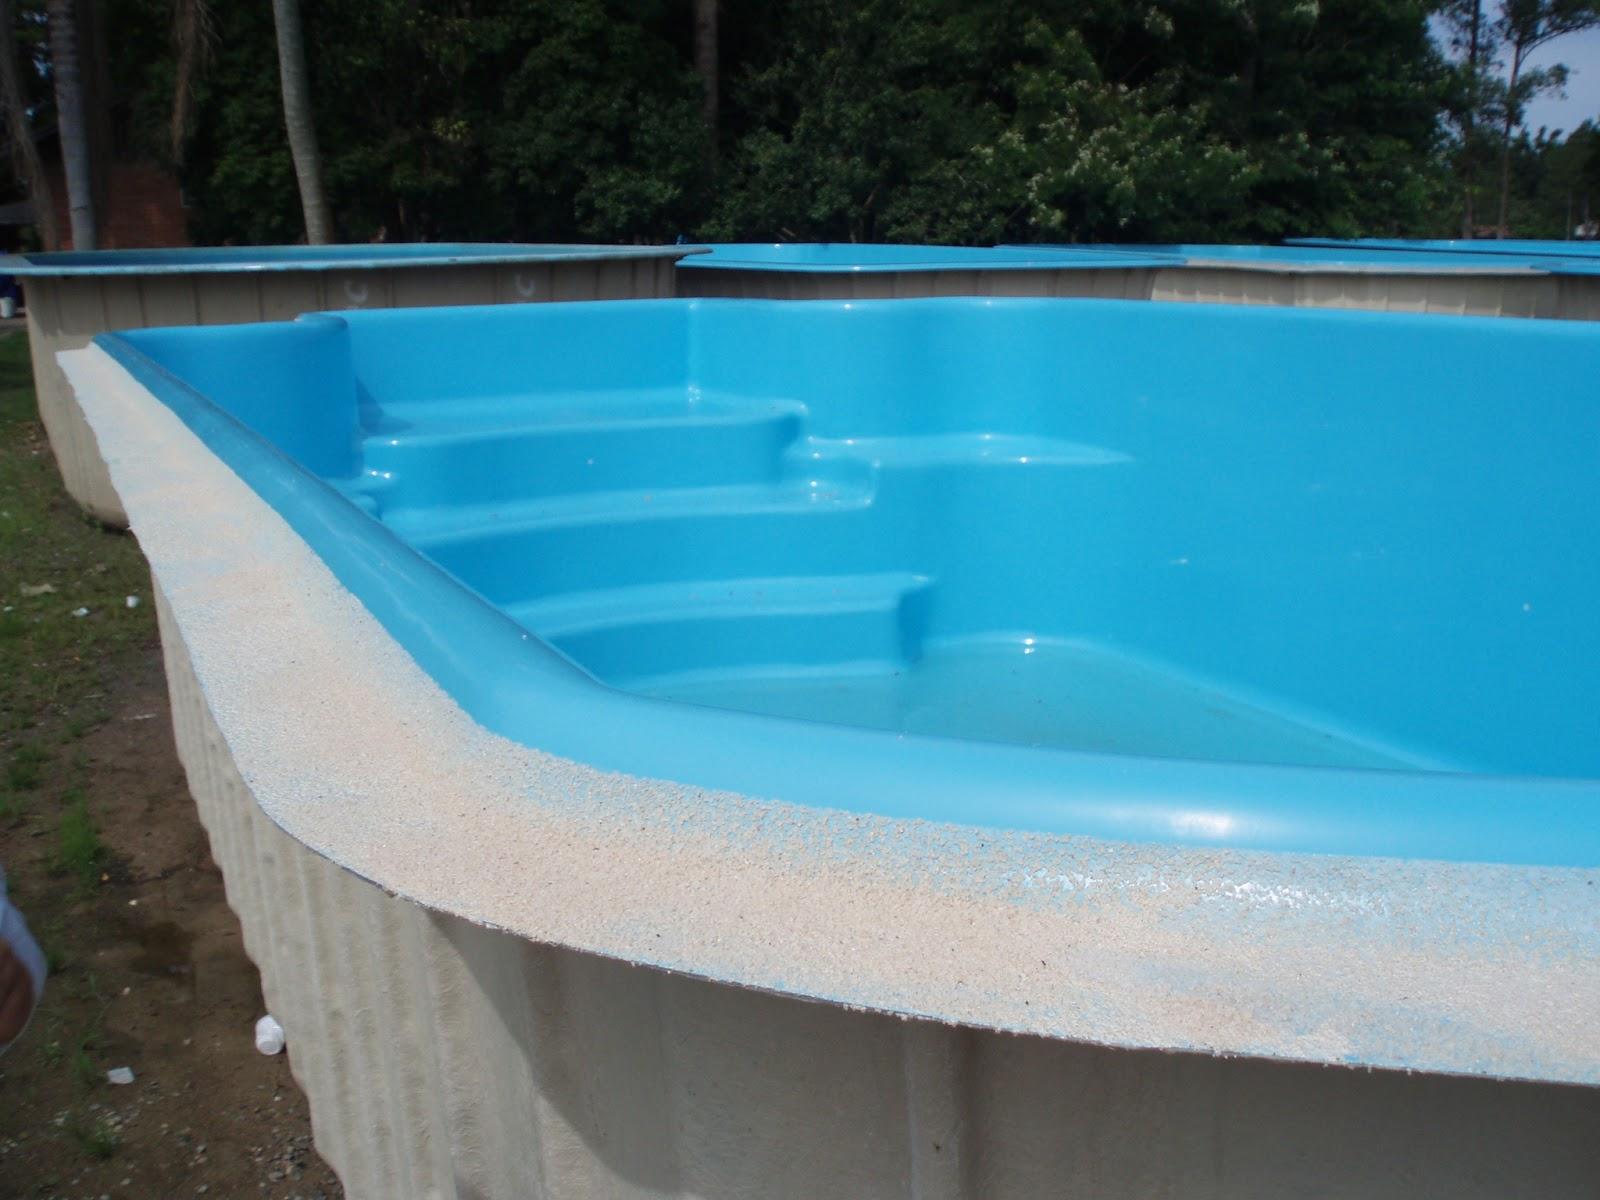 Piscinas de fibra usadas latest instalar piscina de fibra for Piscinas de fibras